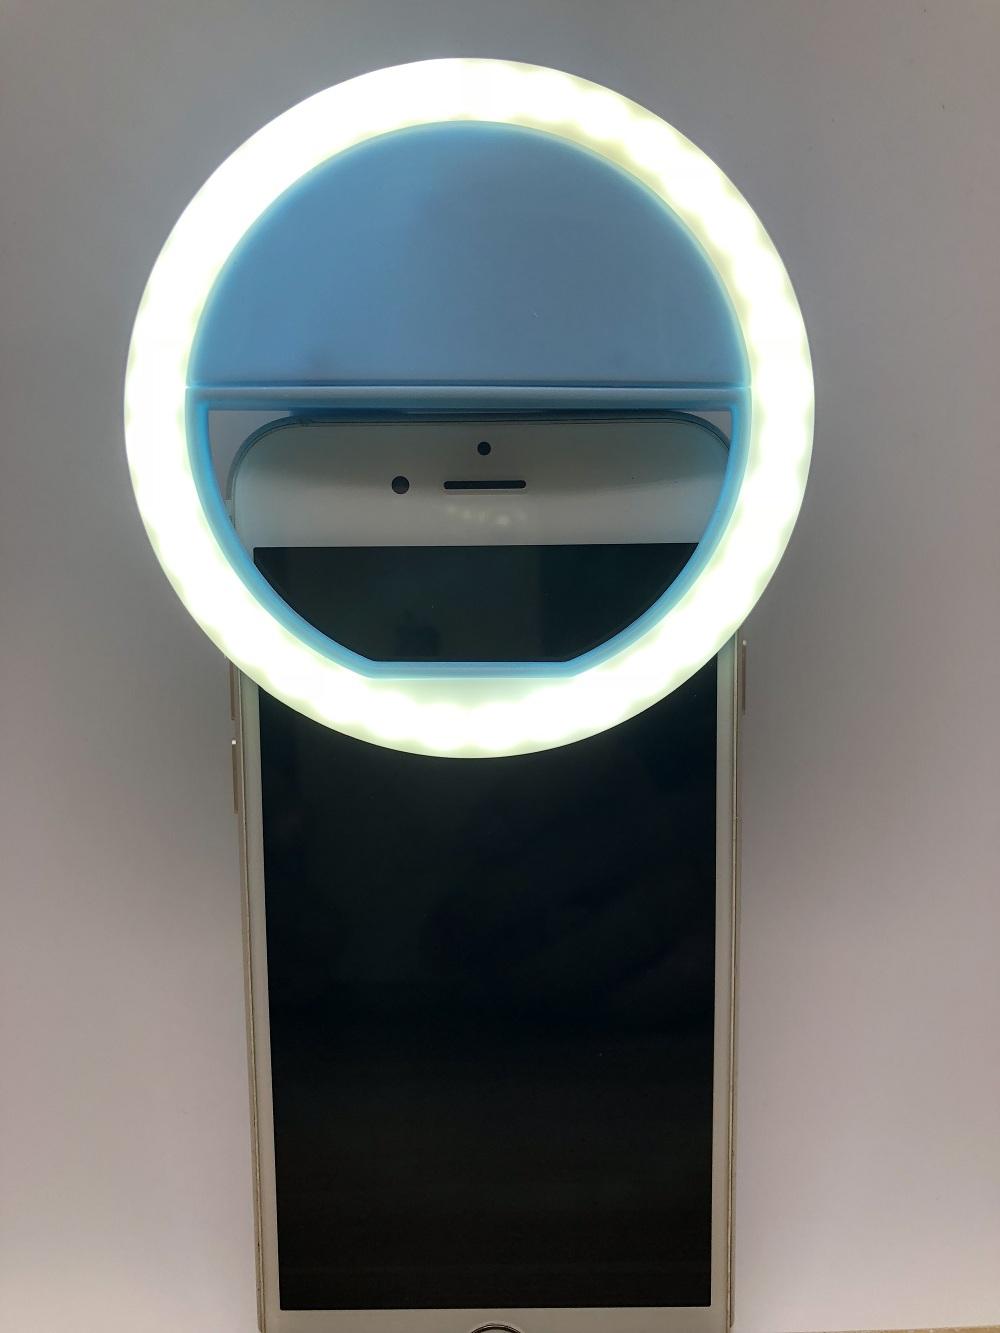 OEM Toptan taşınabilir güzellik flaş LED selfie halka ışık cep telefonu, mini daire kamera flaşı ışık halkası makyaj için